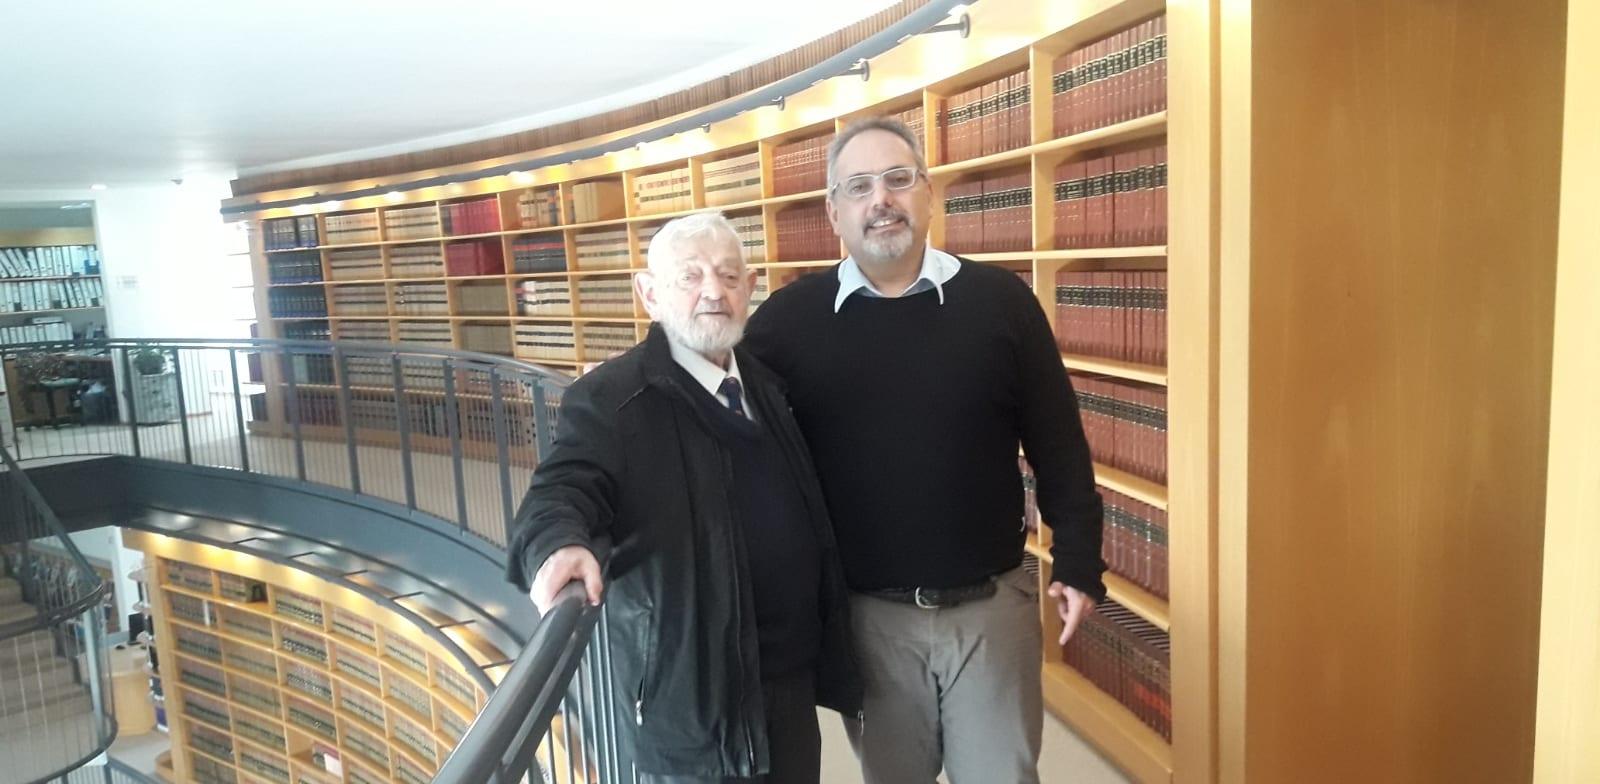 פרופ' יובל אלבשן ושופט העליון בדימוס צבי טל / צילום: תמונה פרטית